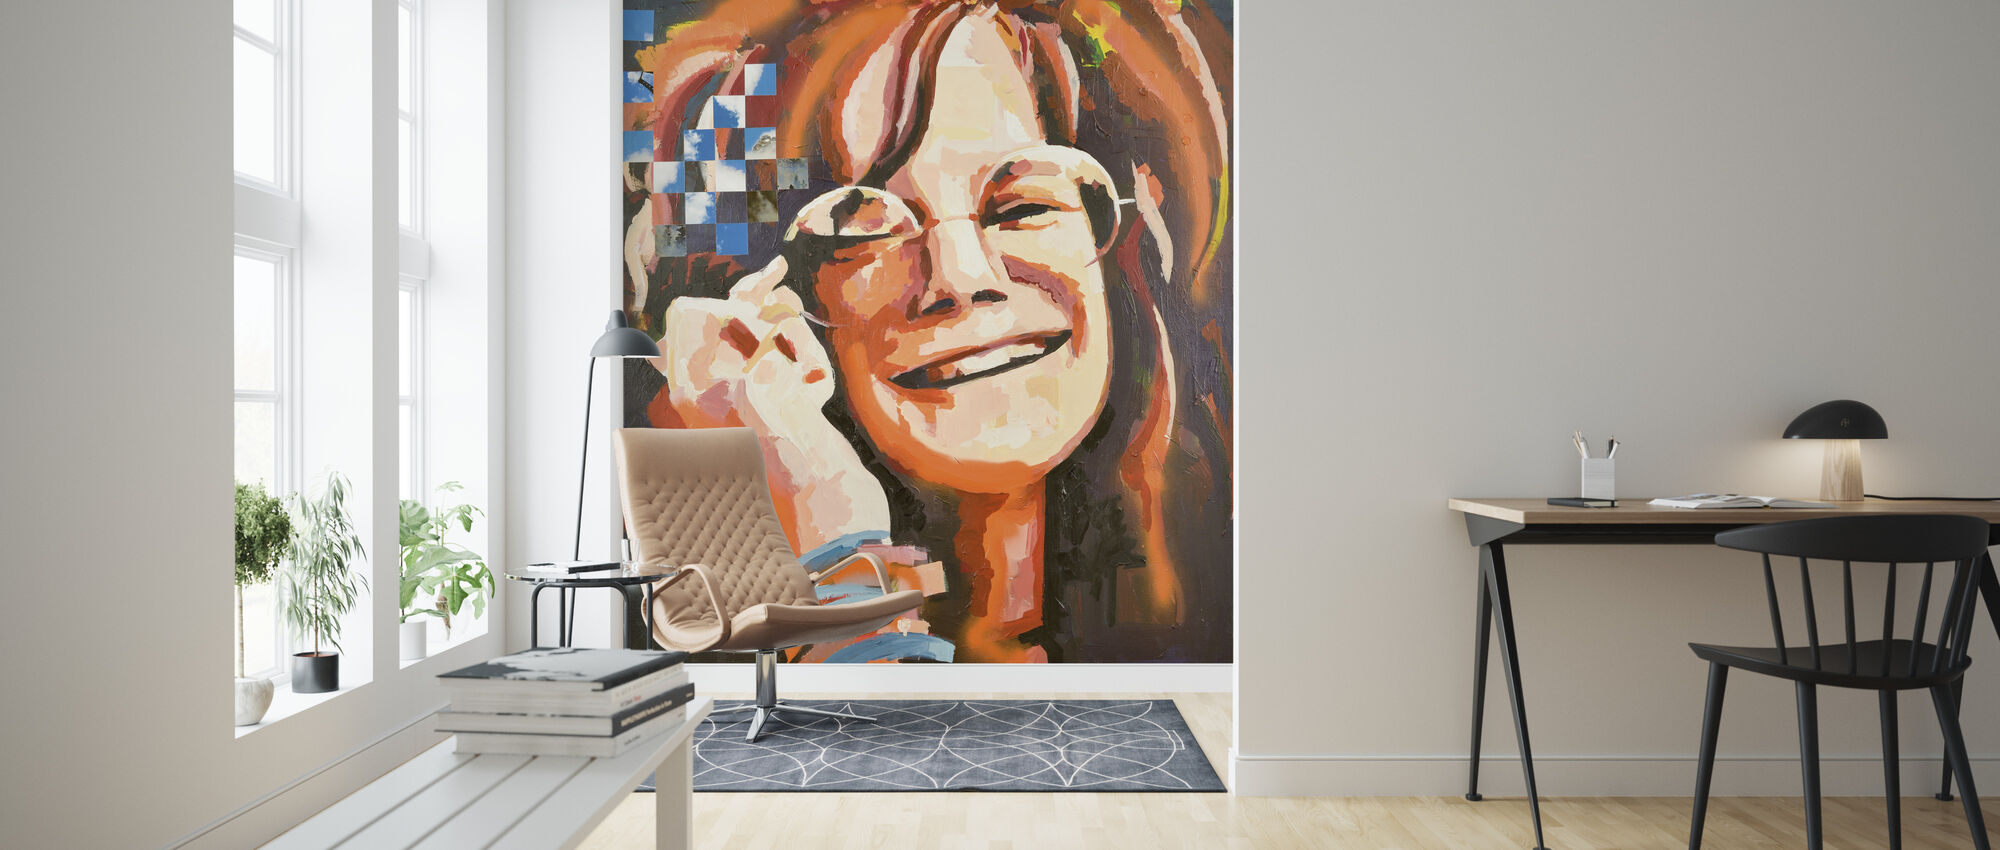 Mrs Woodstock - Wallpaper - Living Room